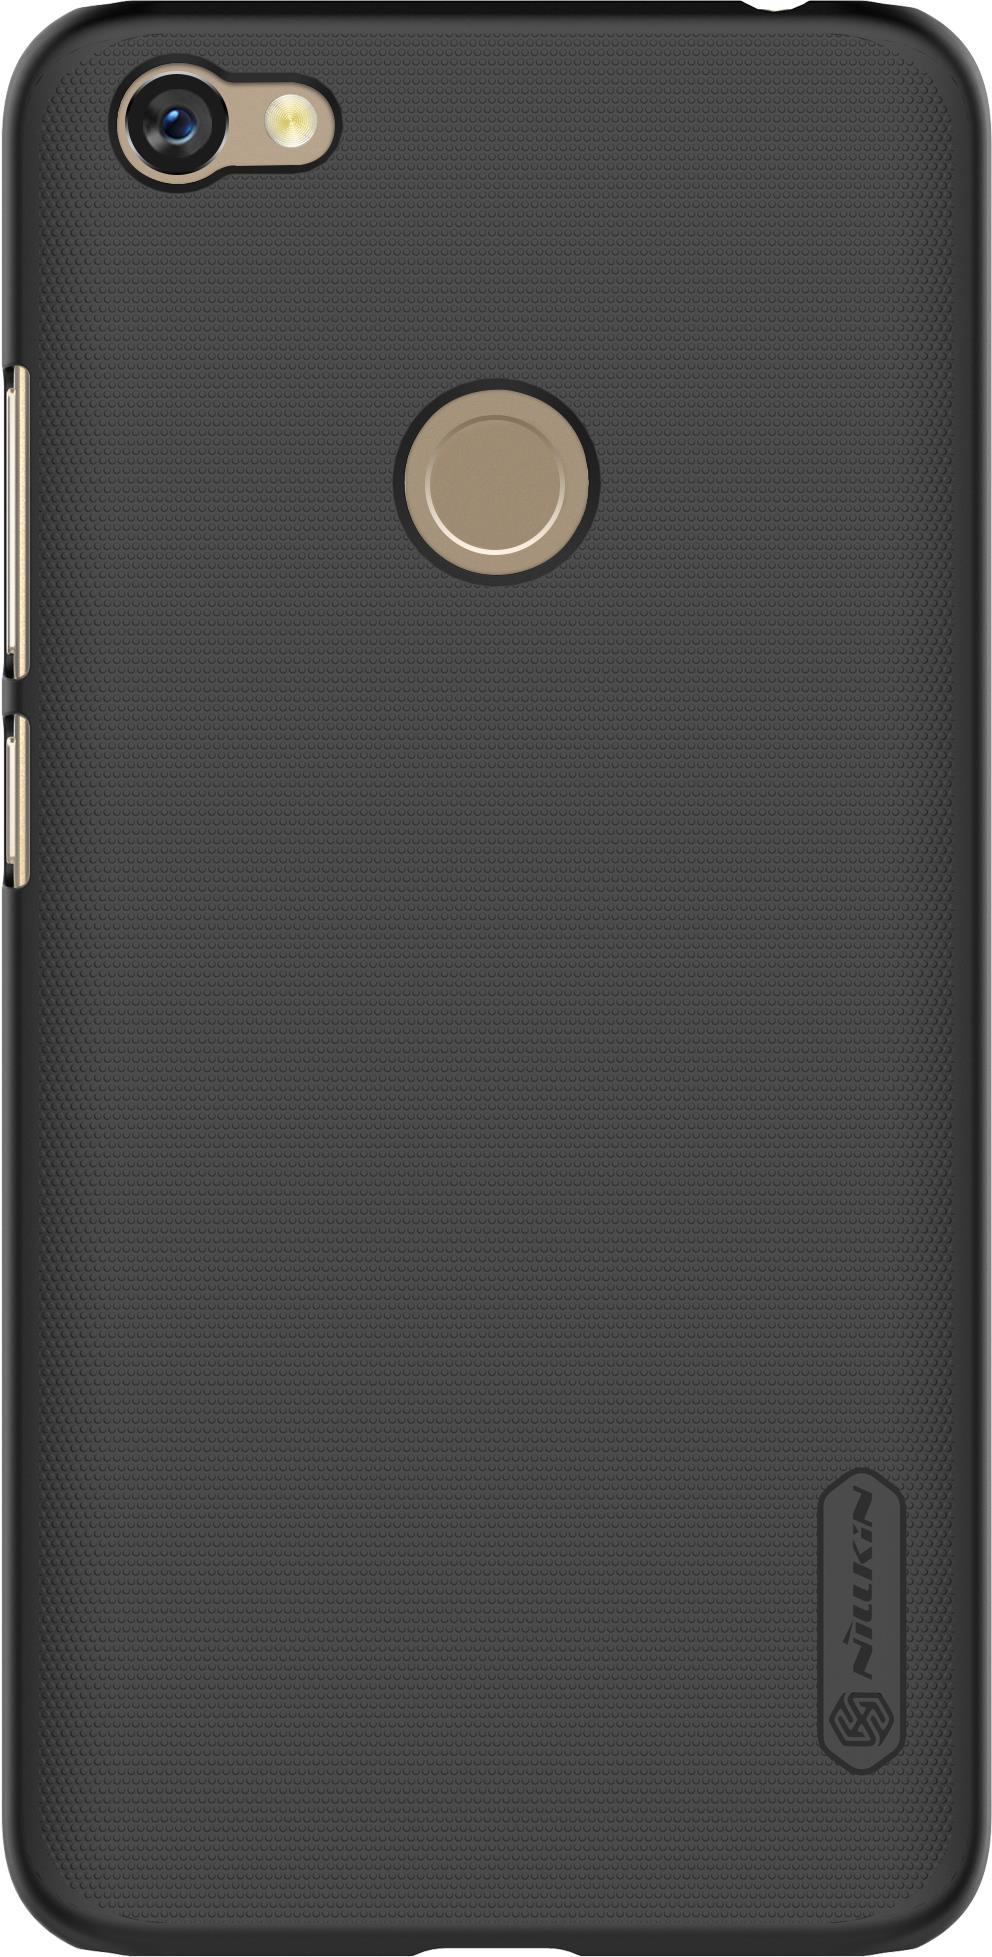 Накладка Nillkin для Xiaomi Redmi Note 5A Prime prime book чехол для xiaomi redmi 5a black